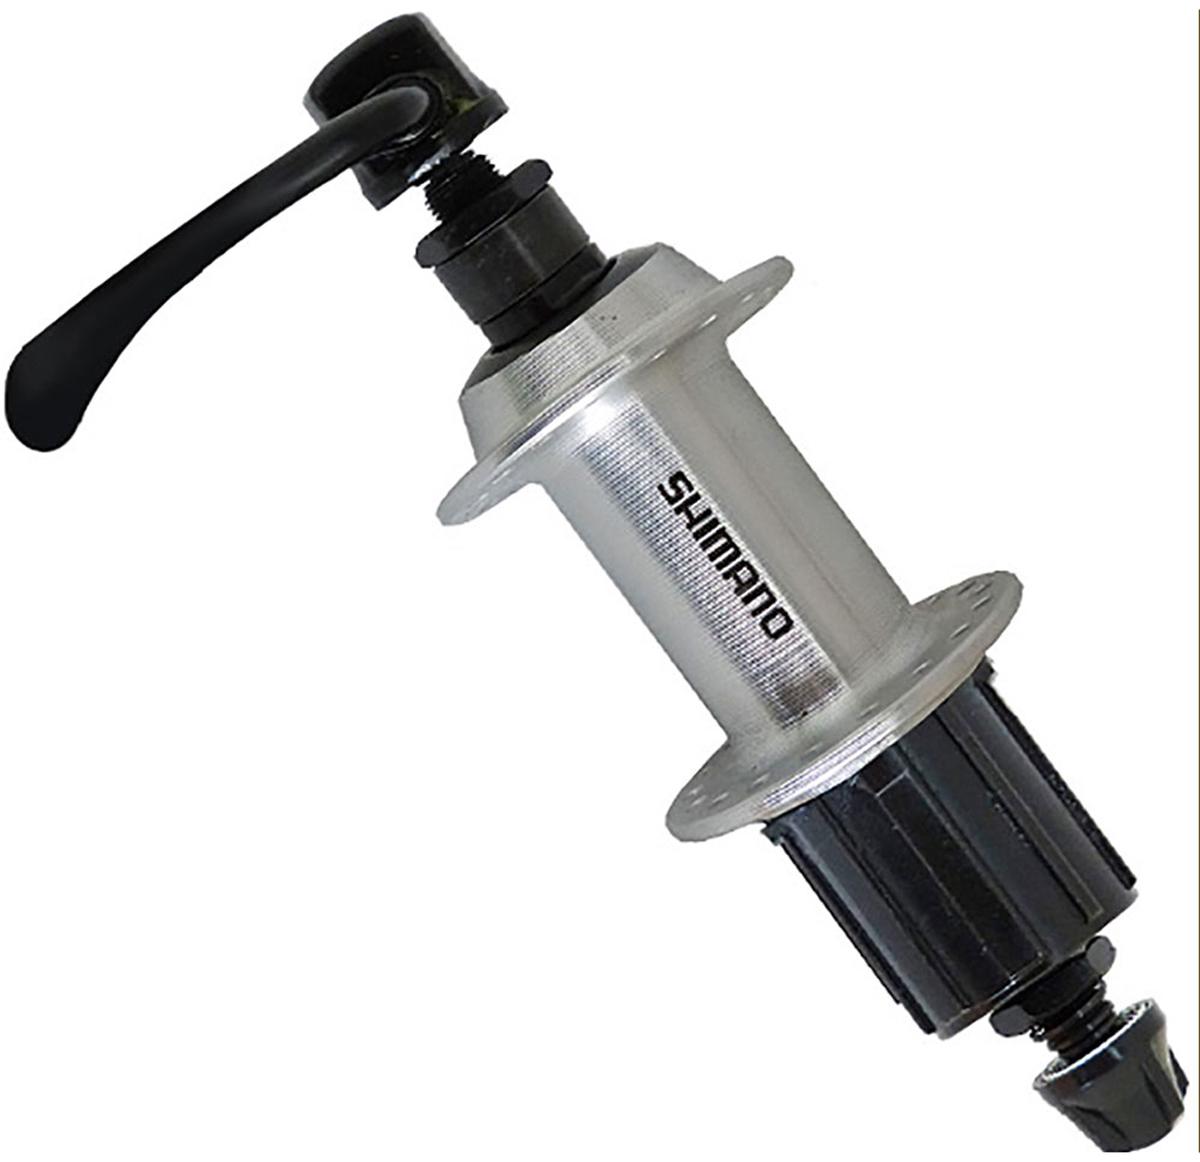 Втулка задняя Shimano TX500, v-br, 36 отверстий, 8/9ск, QR, old: 135 мм, цвет: серебристый втулка задняя shimano m475 36 отверстий 8 9 ск 6 болт qr 166 мм цвет серебристый